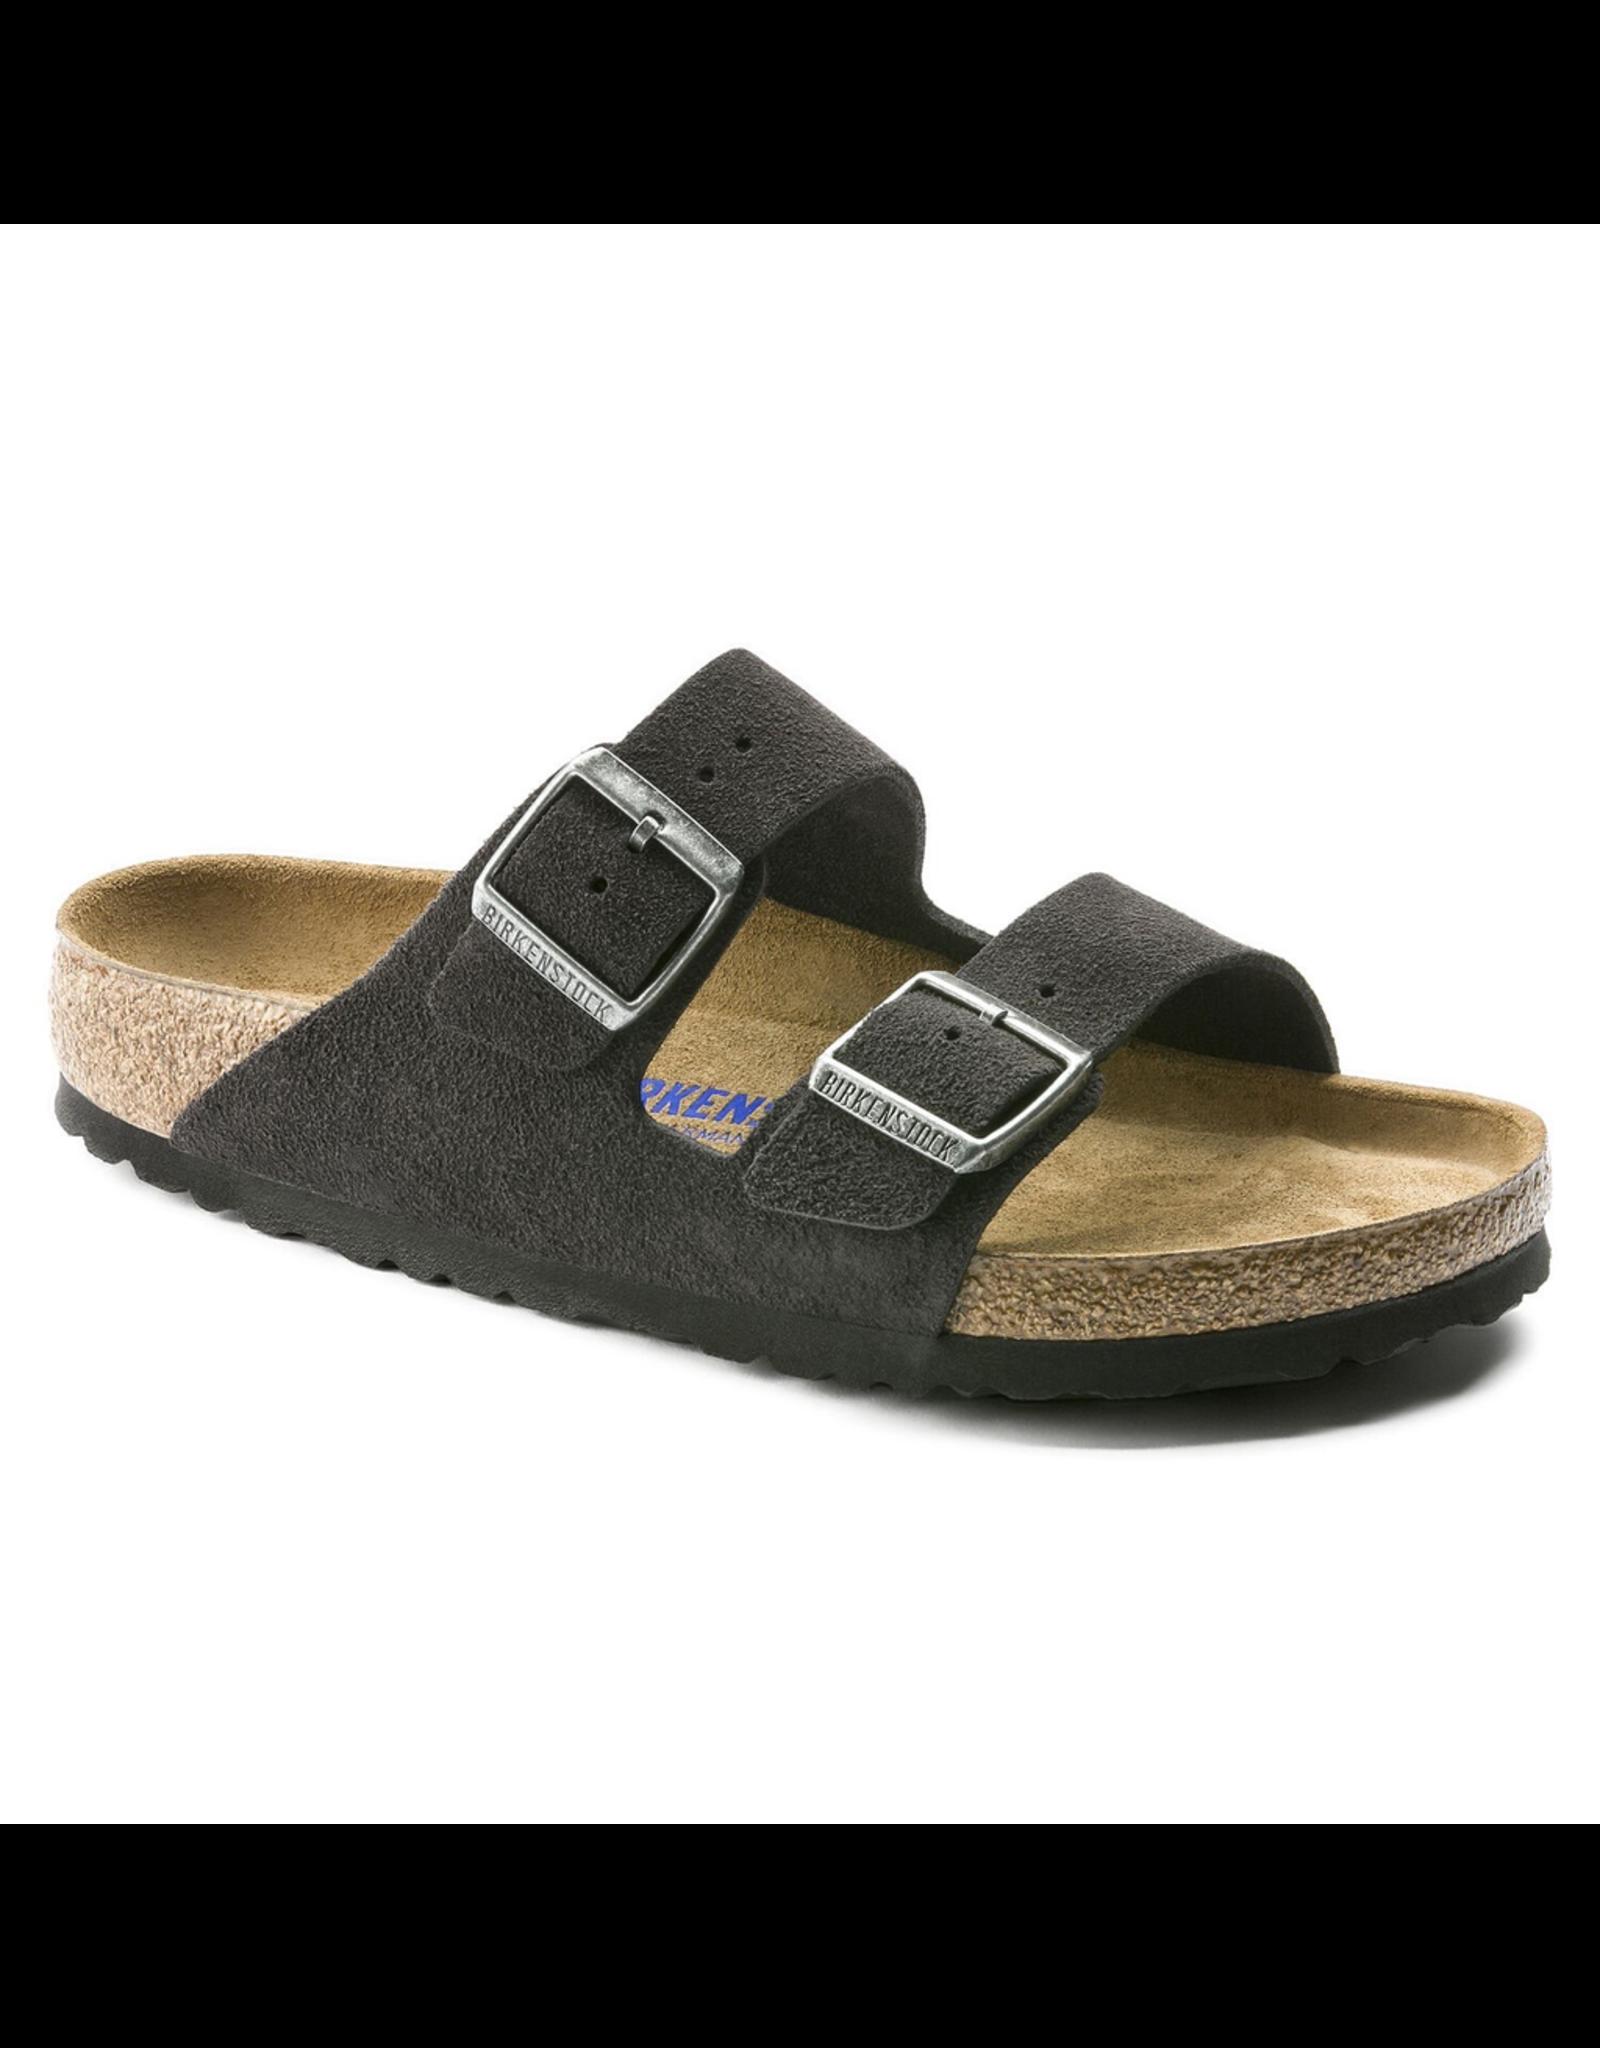 Birkenstock Arizona Sandal-Soft Bed - COV19307